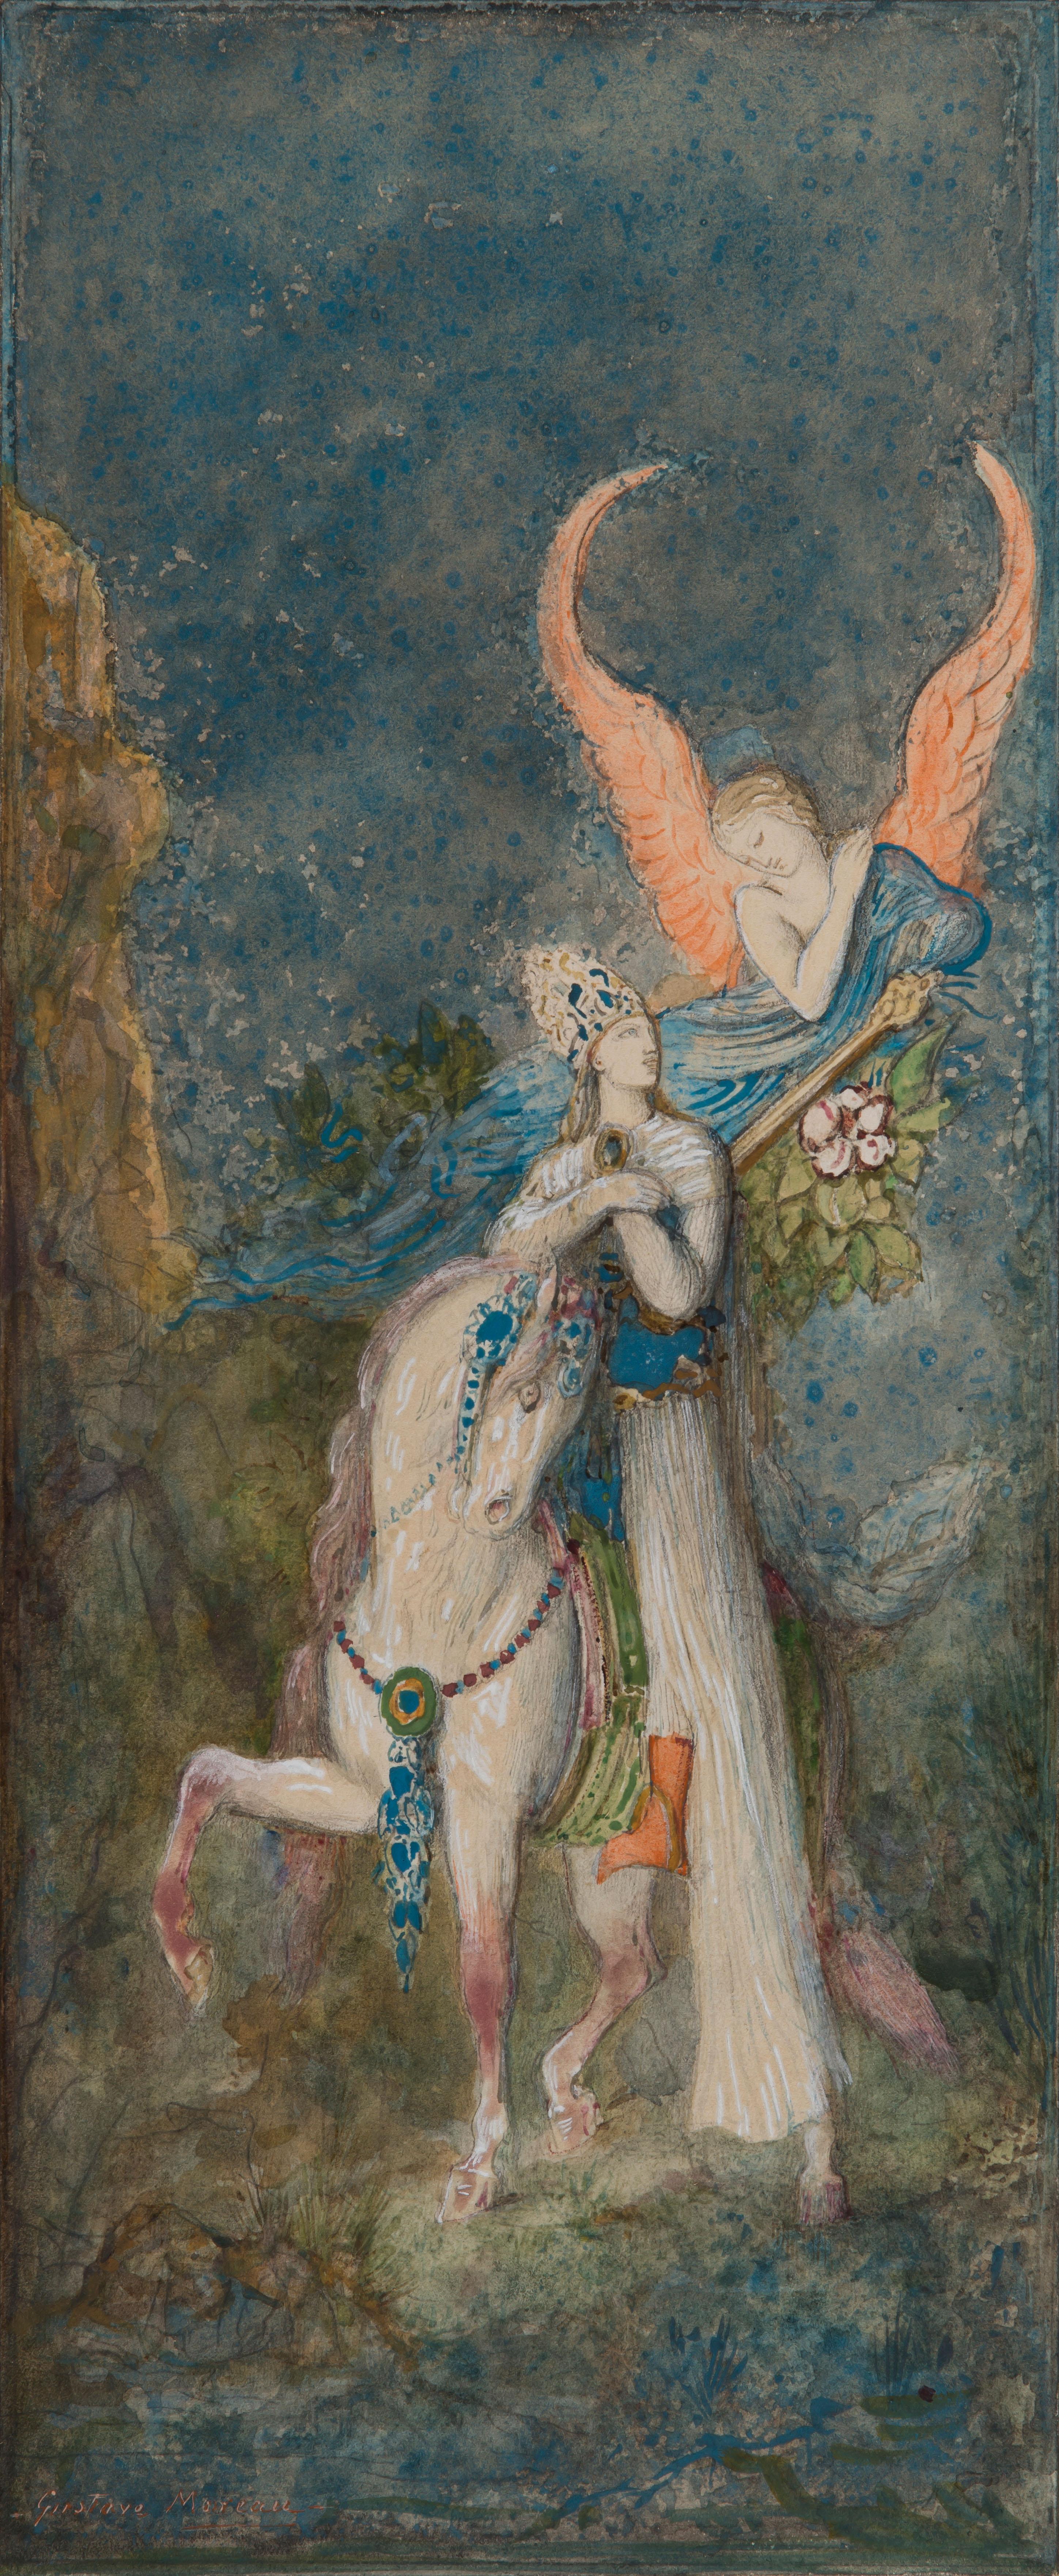 Gustave-Moreau-Le-poa݈te-persan-vers-1886-mine-de-plomb-aquarelle-et-gouache-sur-papier-365x164mm-Galerie-Talabardon-et-Gautier